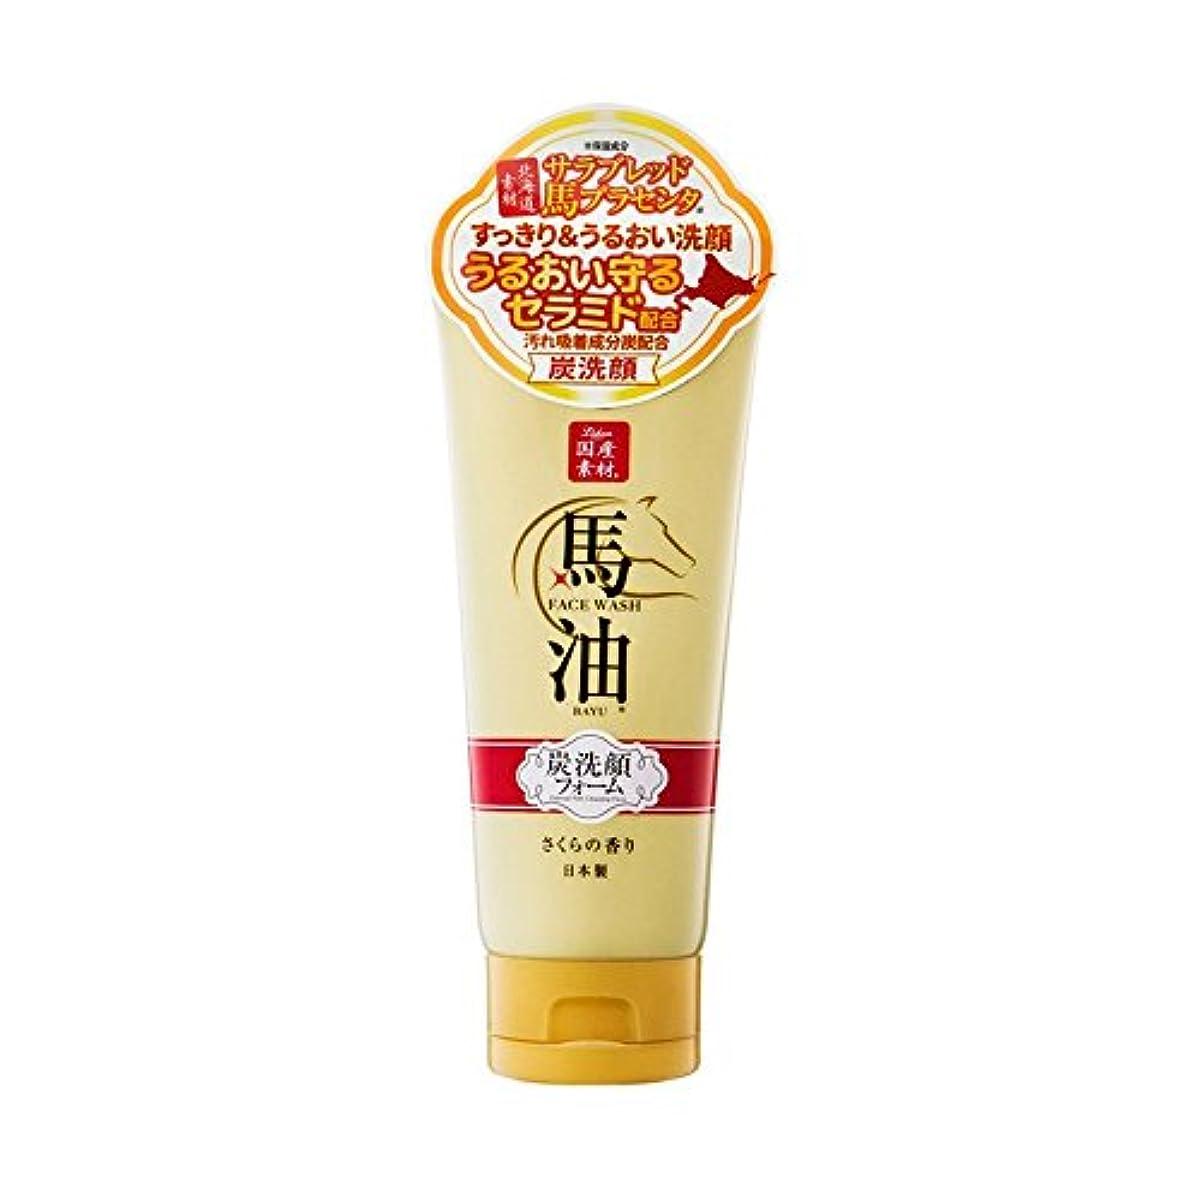 ステッチ自体リーチリシャン 馬油&炭洗顔フォーム(さくらの香り)(内容量130g)